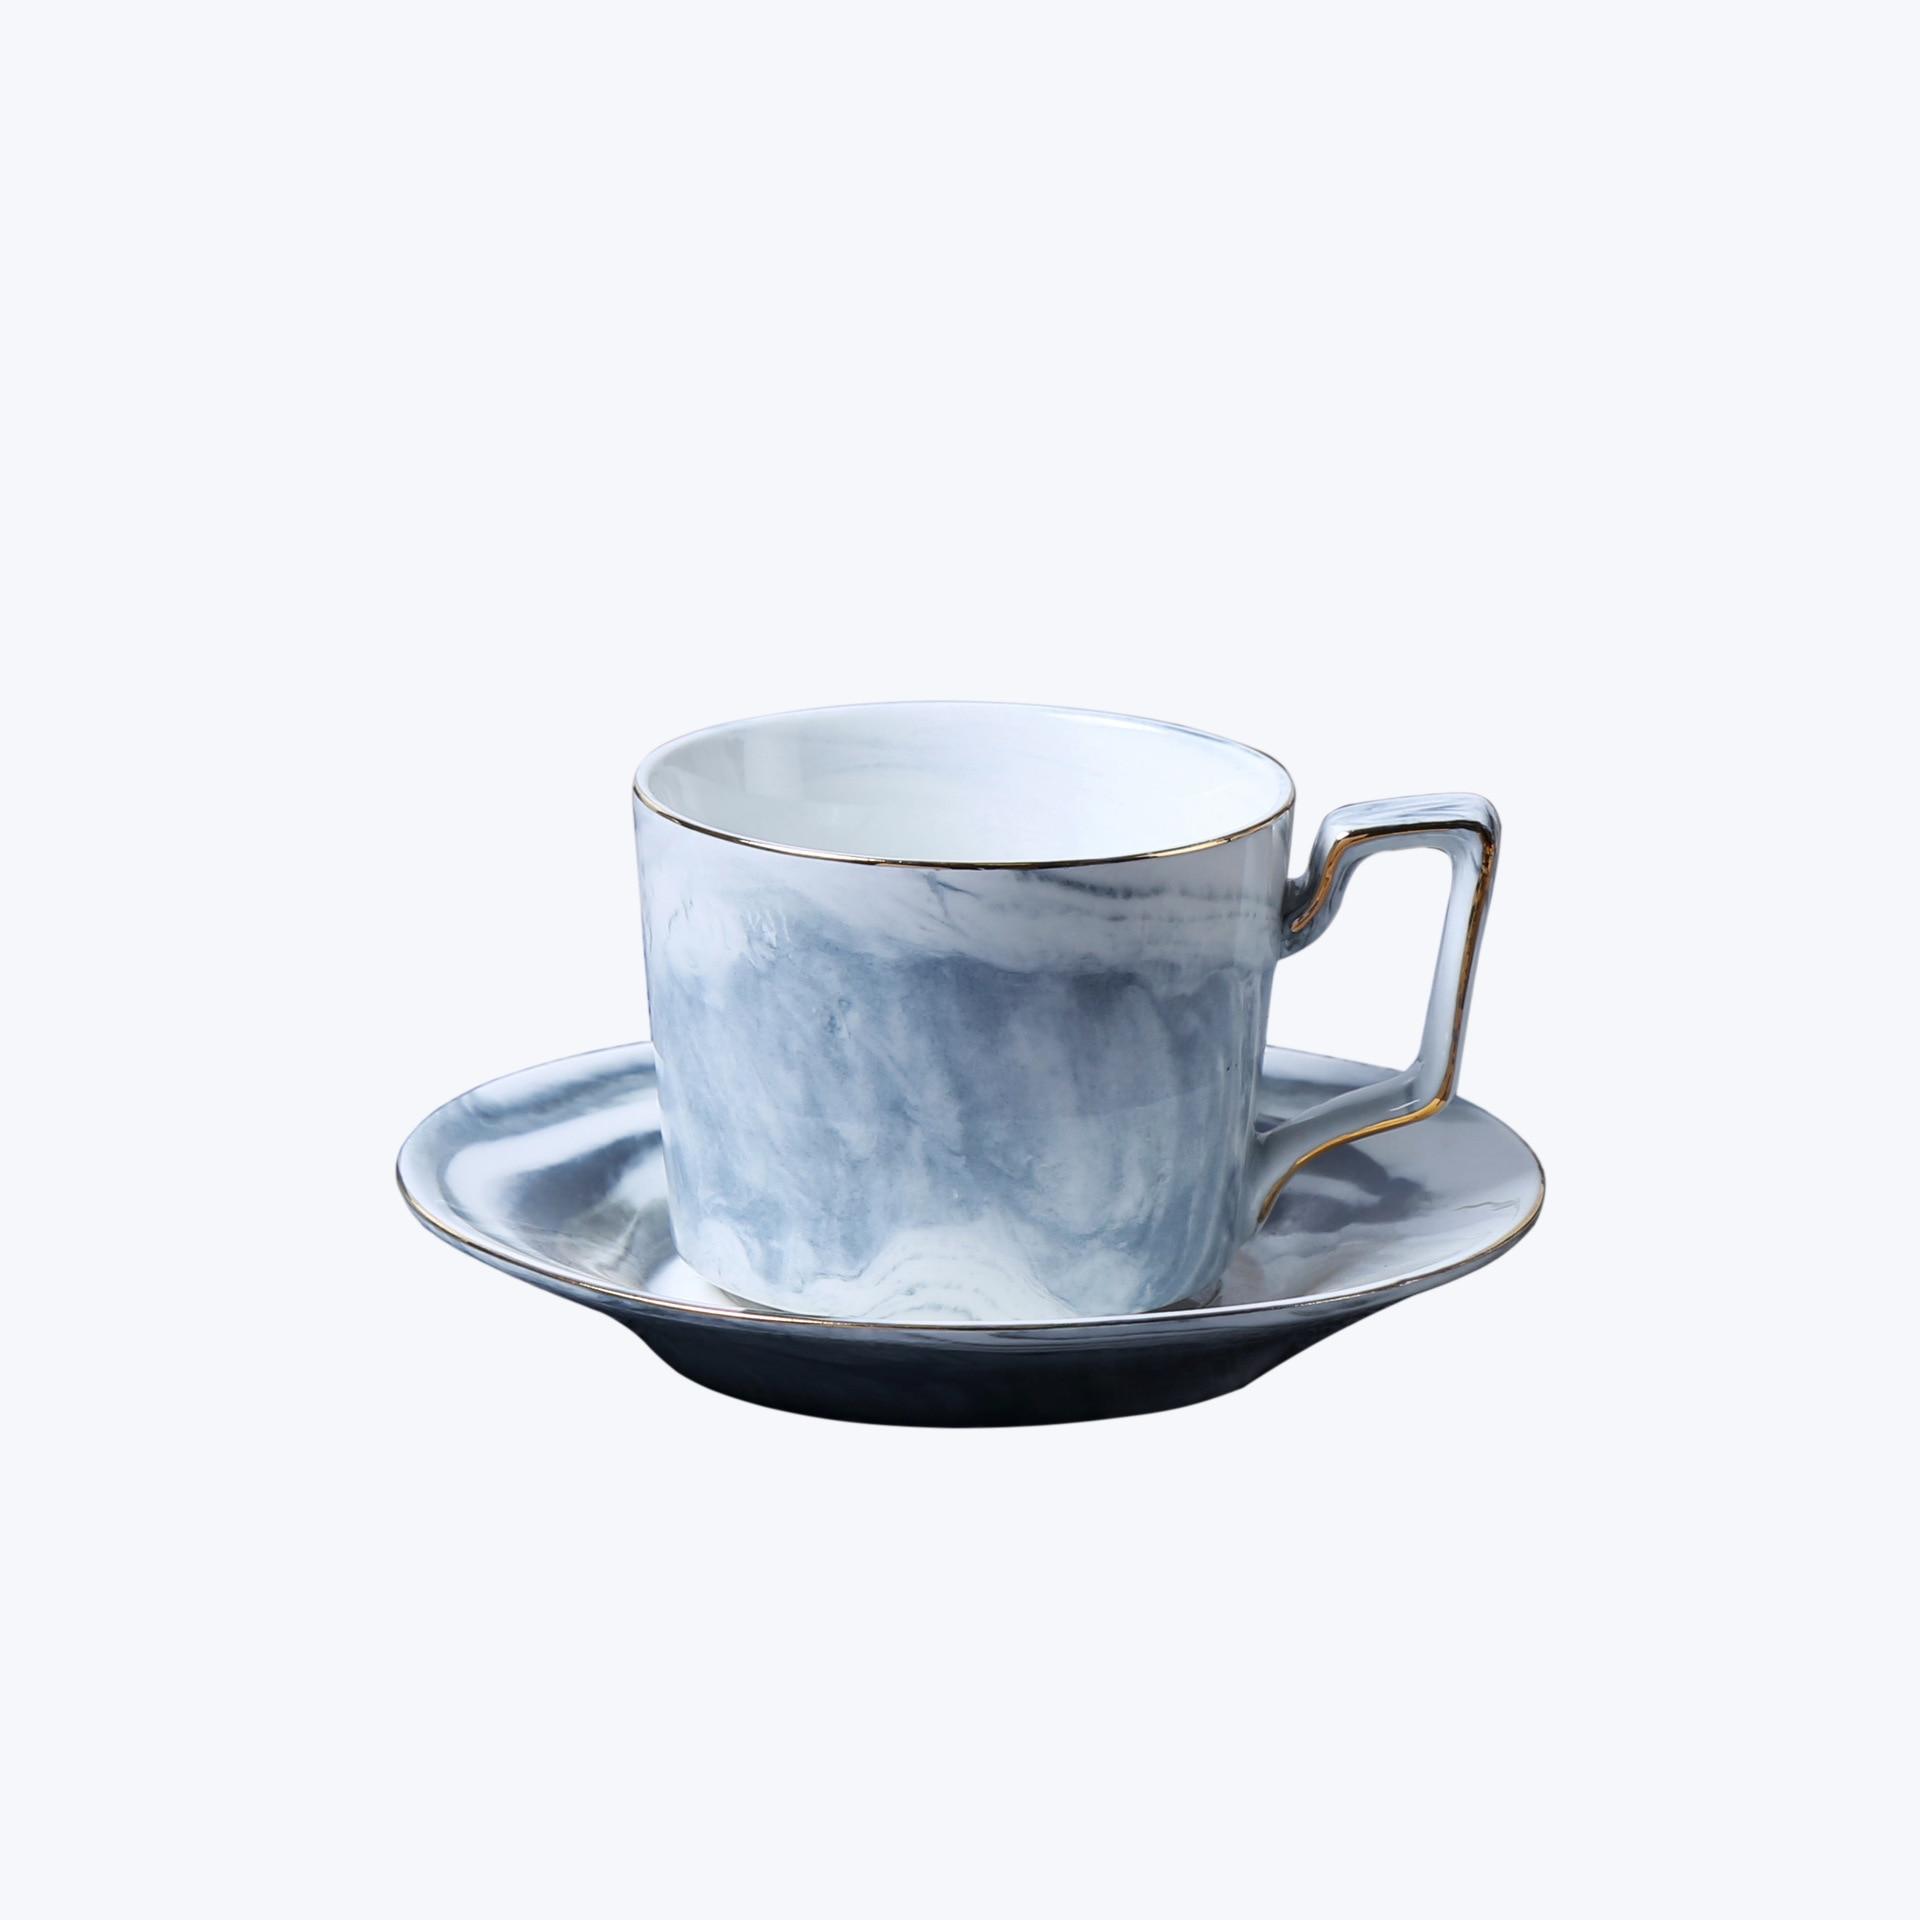 Утолщенная кофейная коробка для сброса эспрессо анти всплеск Рекс ABS большая емкость глубокая Чаша Дизайн мусорное ведро для бариста аксес... - 5